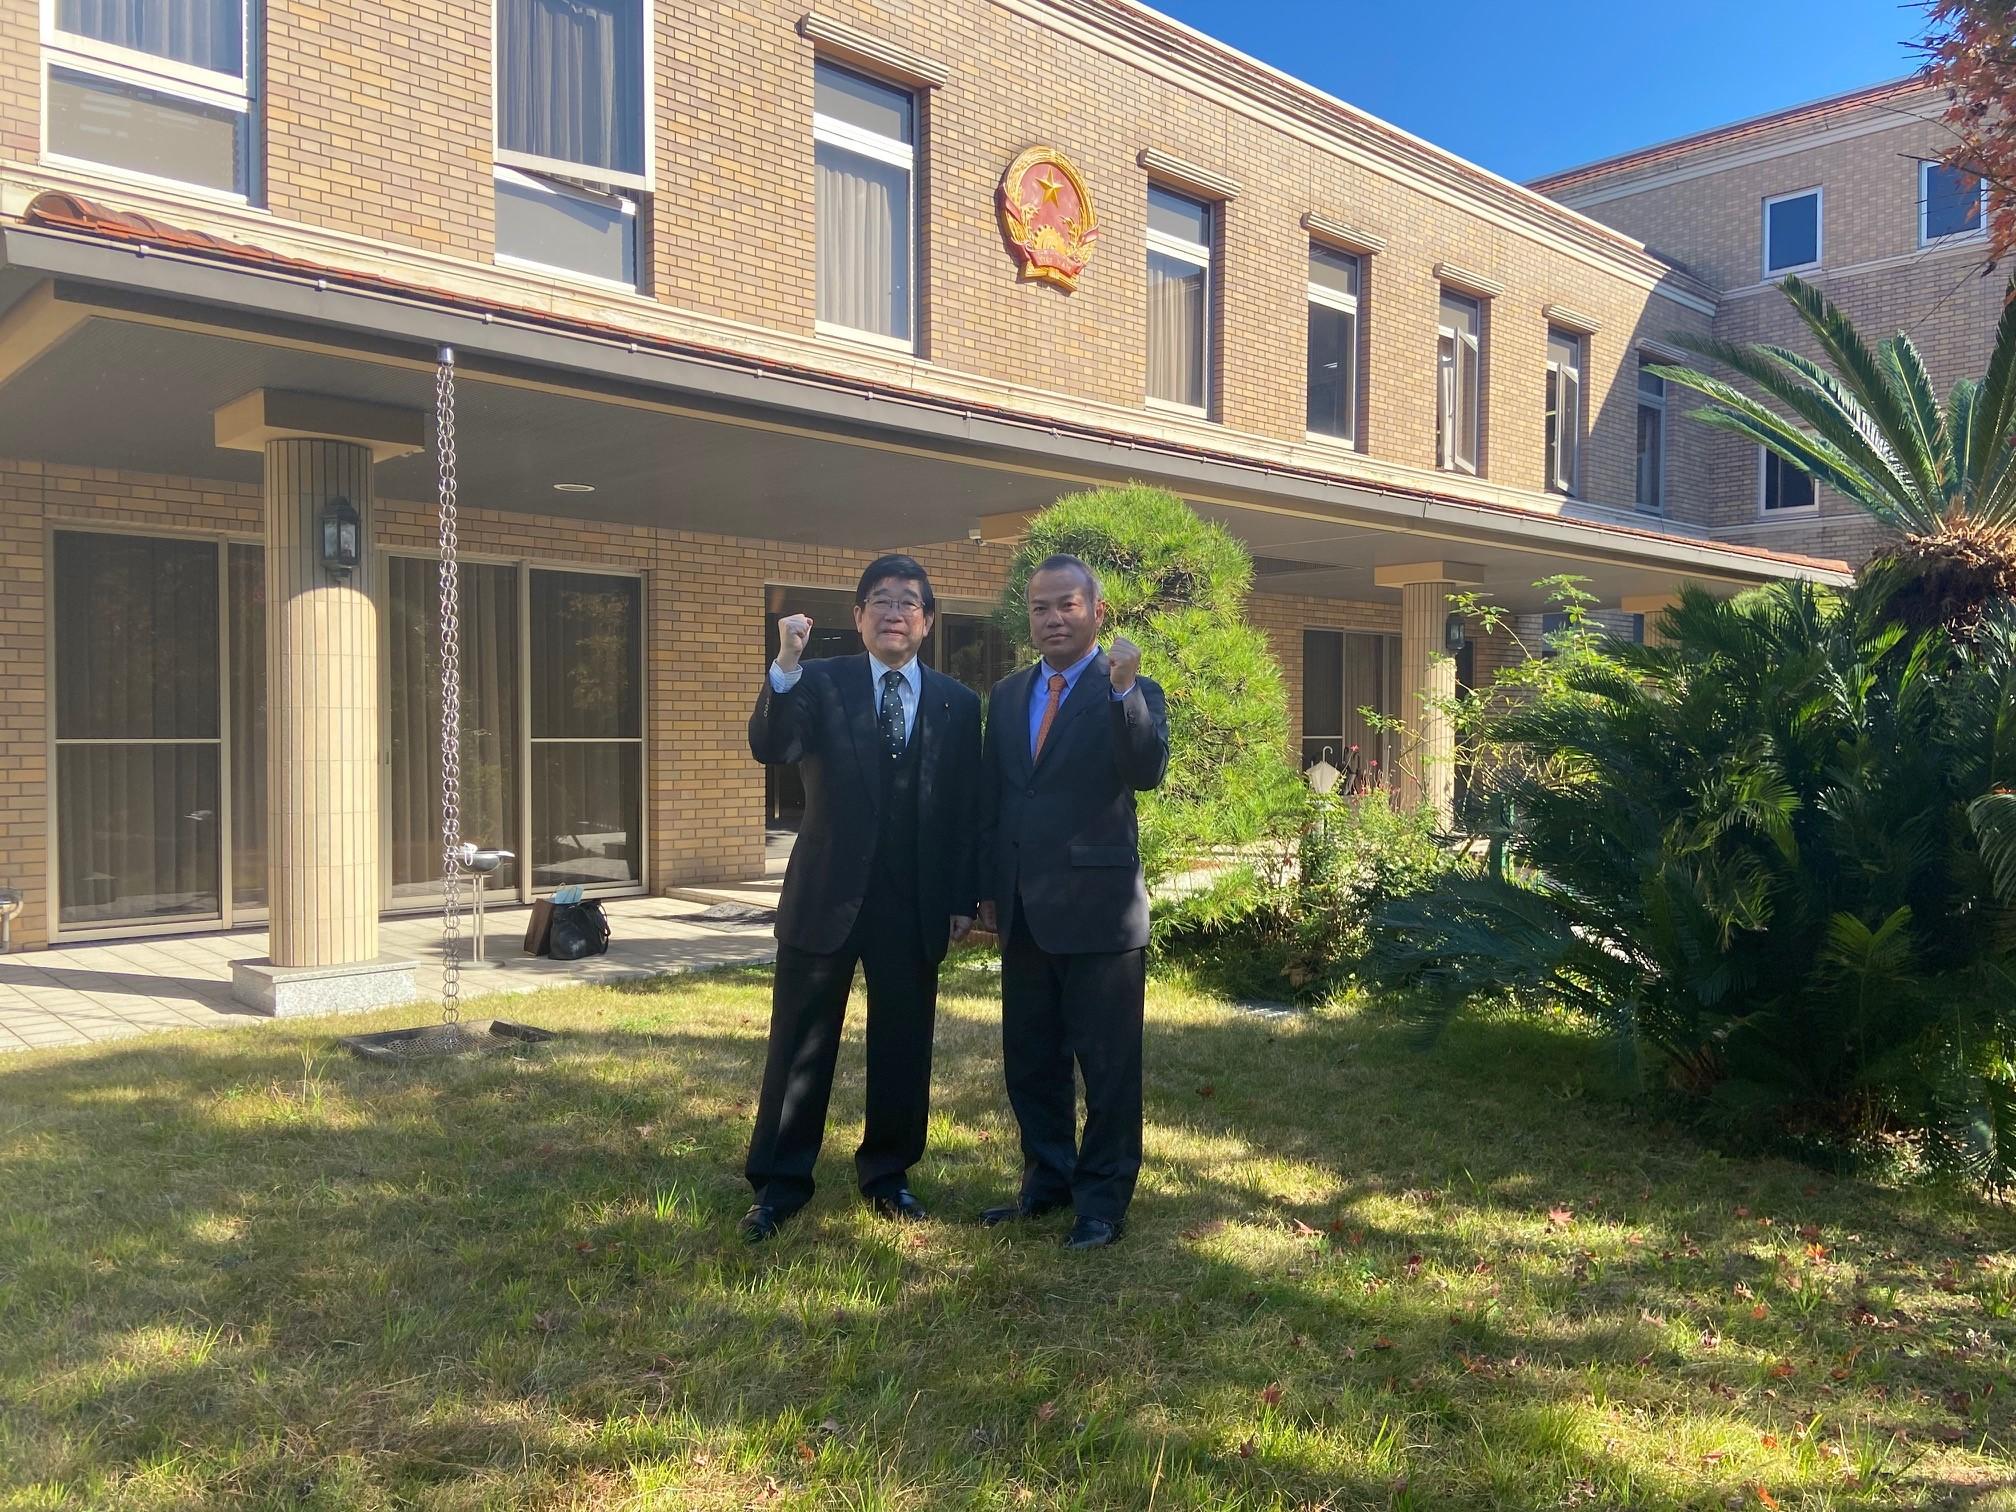 Hội hữu nghị Nhật-Việt tỉnh Nagasaki trao phần quà hỗ trợ tỉnh Quảng Nam chịu ảnh hưởng bão lũ